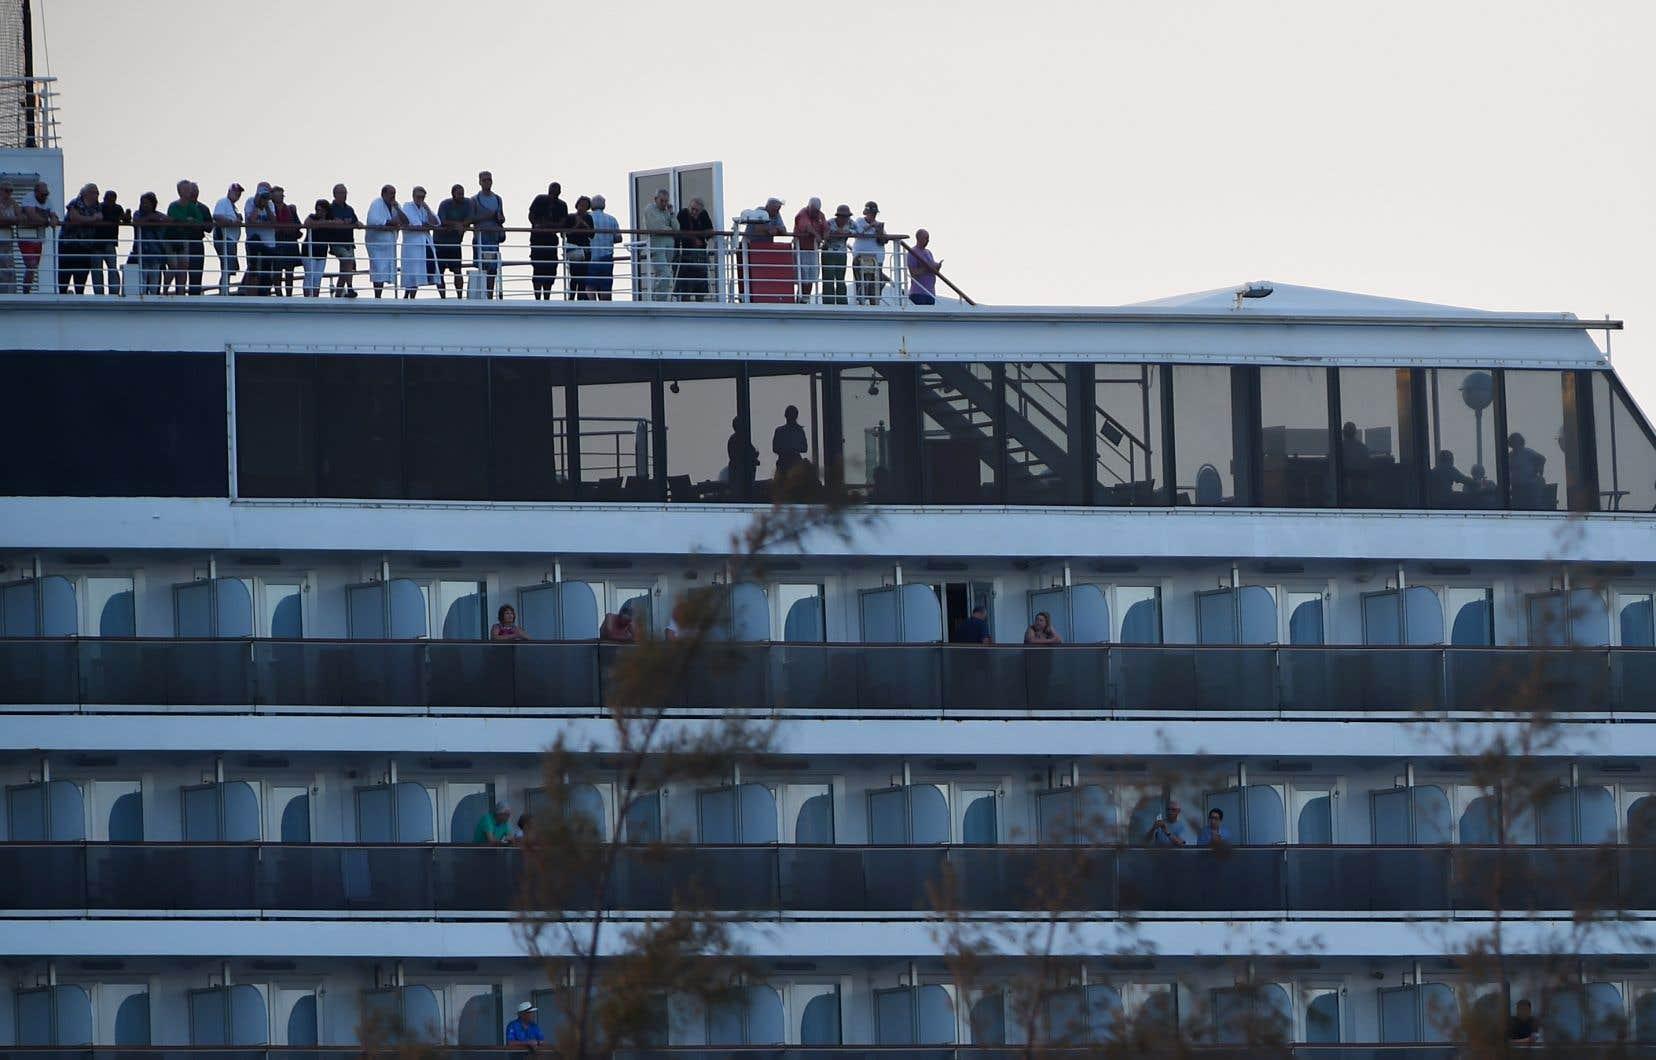 <p>Les 1455 touristes à bord du <em>Westerdam</em> avaient embarqué le 1erfévrier à Hong Kong où près de 50 cas de COVID-19 ont été détectés. Ils devaient ensuite poursuivre leur voyage au Japon.</p>